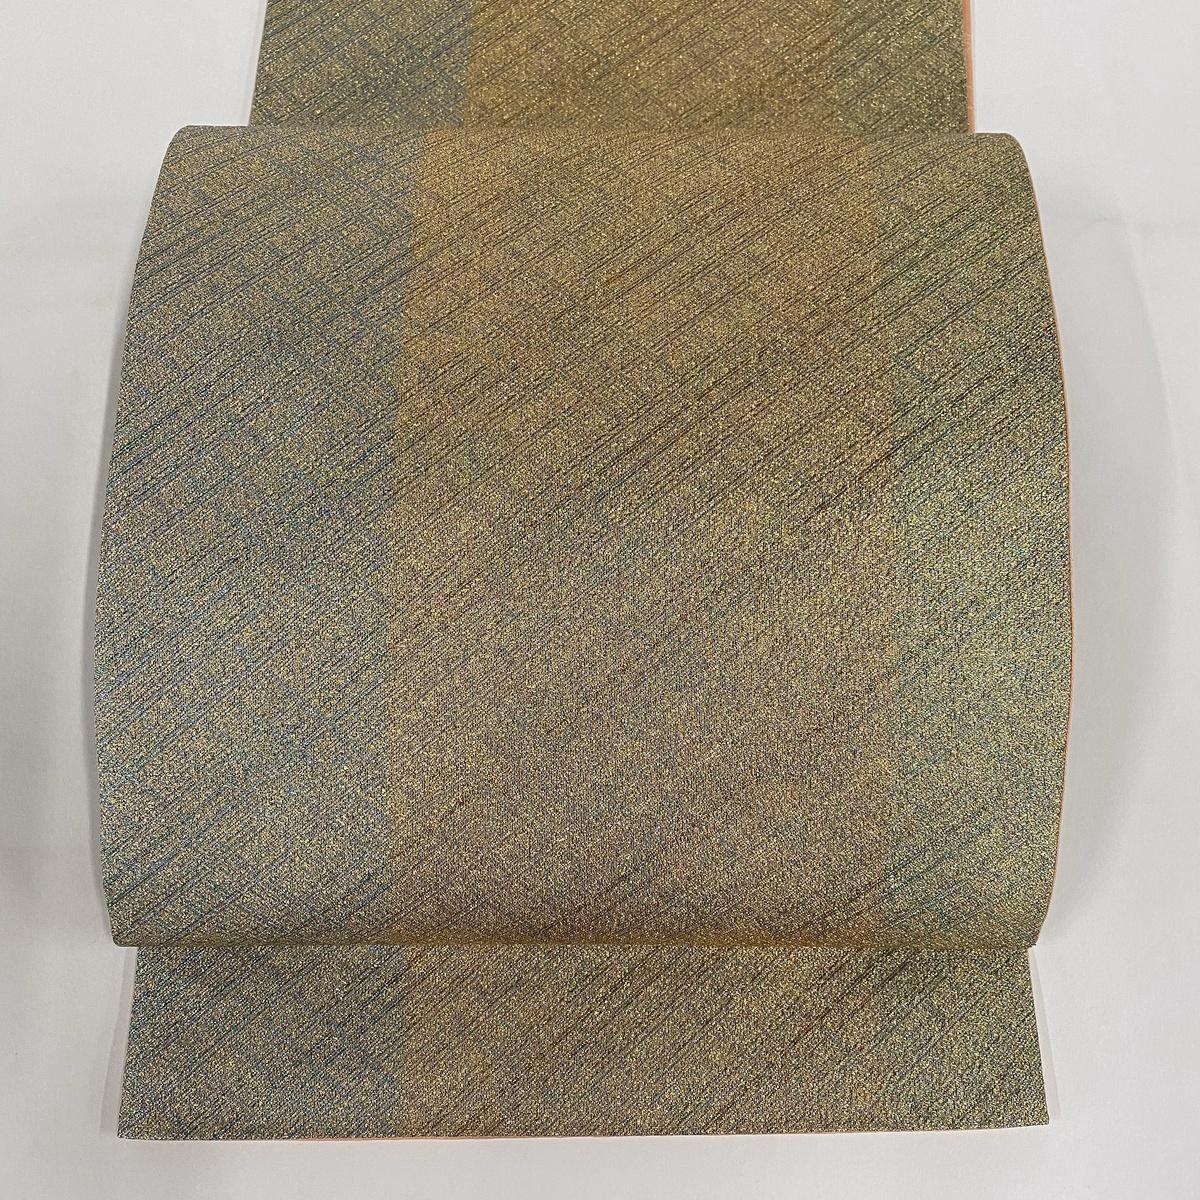 【在庫一掃】 袋帯 美品 秀品 縞 格子 金糸 金色 全通 正絹 :バイセルオンライン 店